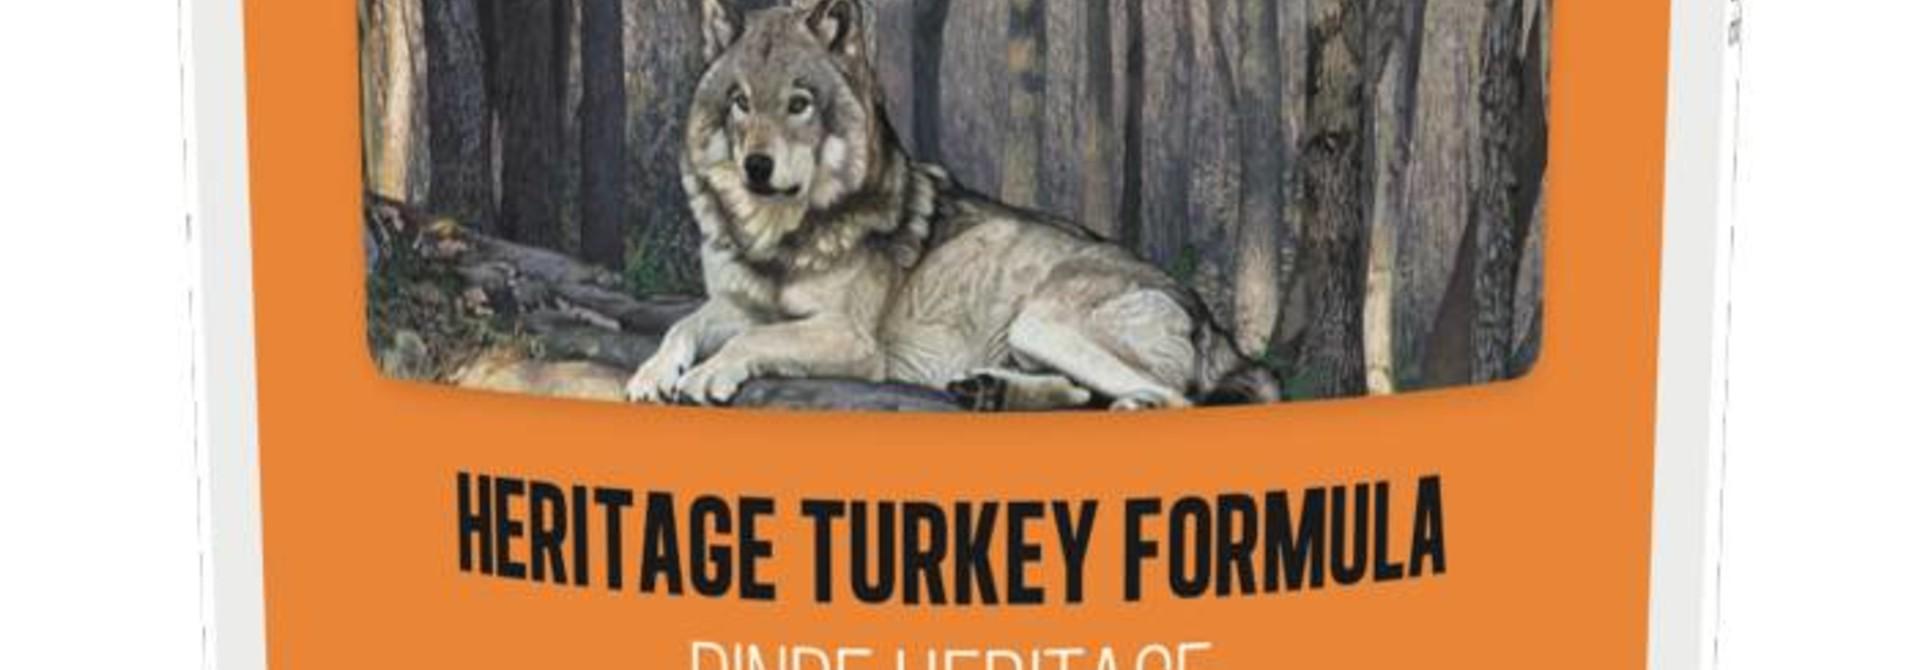 Boreal Dog Heritage Turkey Formula 13oz